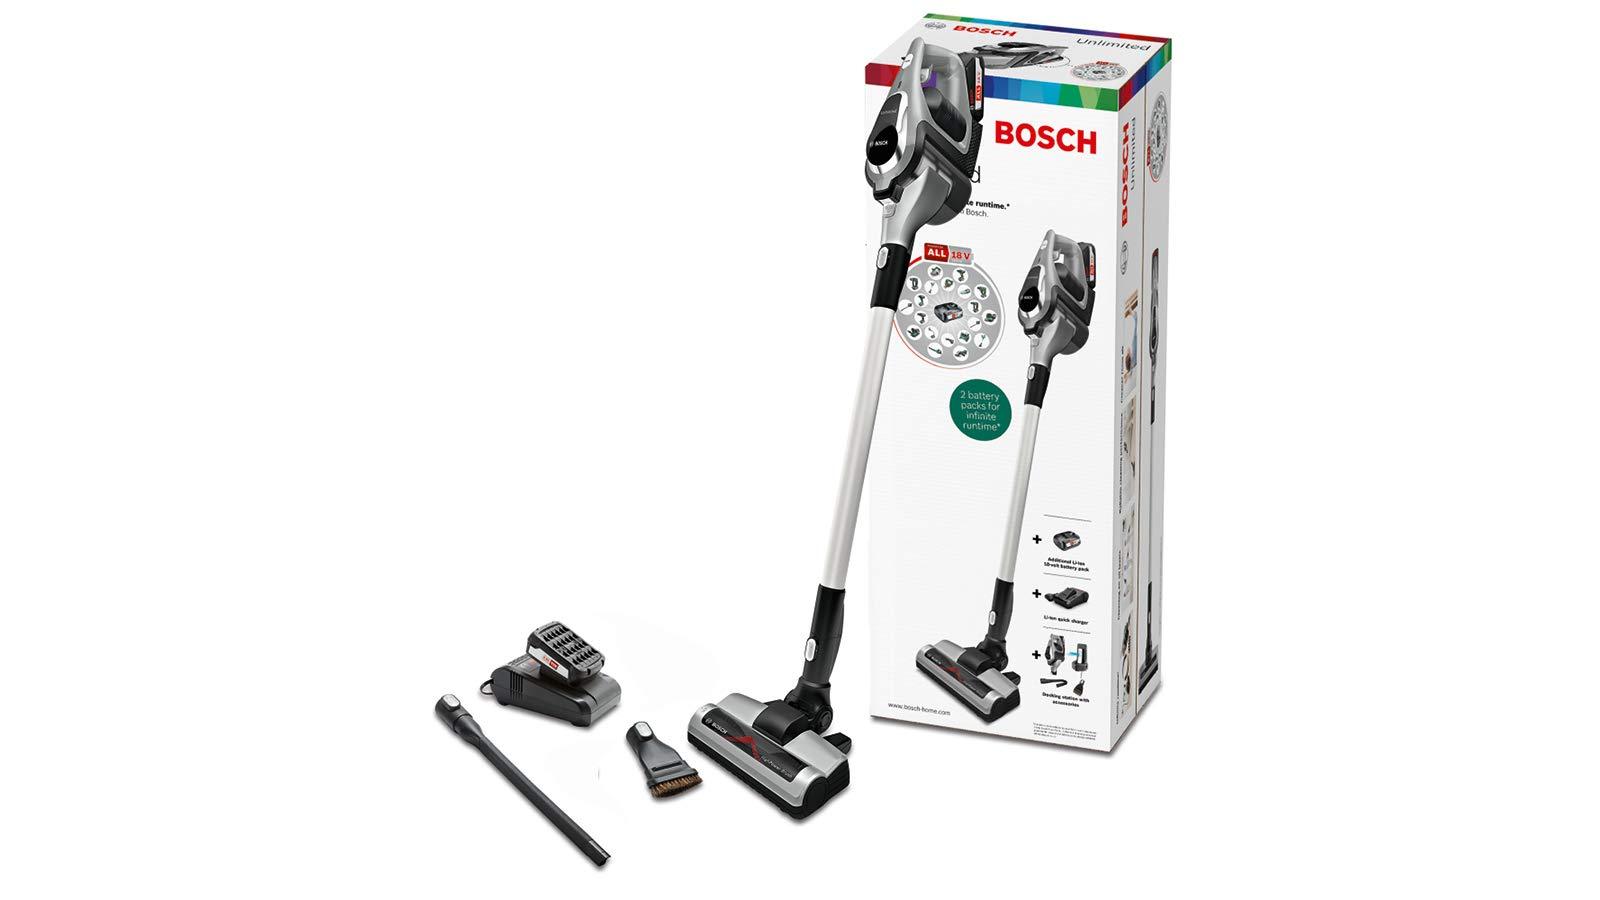 Bosch Unlimited Serie I 8 Staubsauger ohne Kabel 2 Batterien - Keine Ladung vom Dock Graphit (Serie 8)